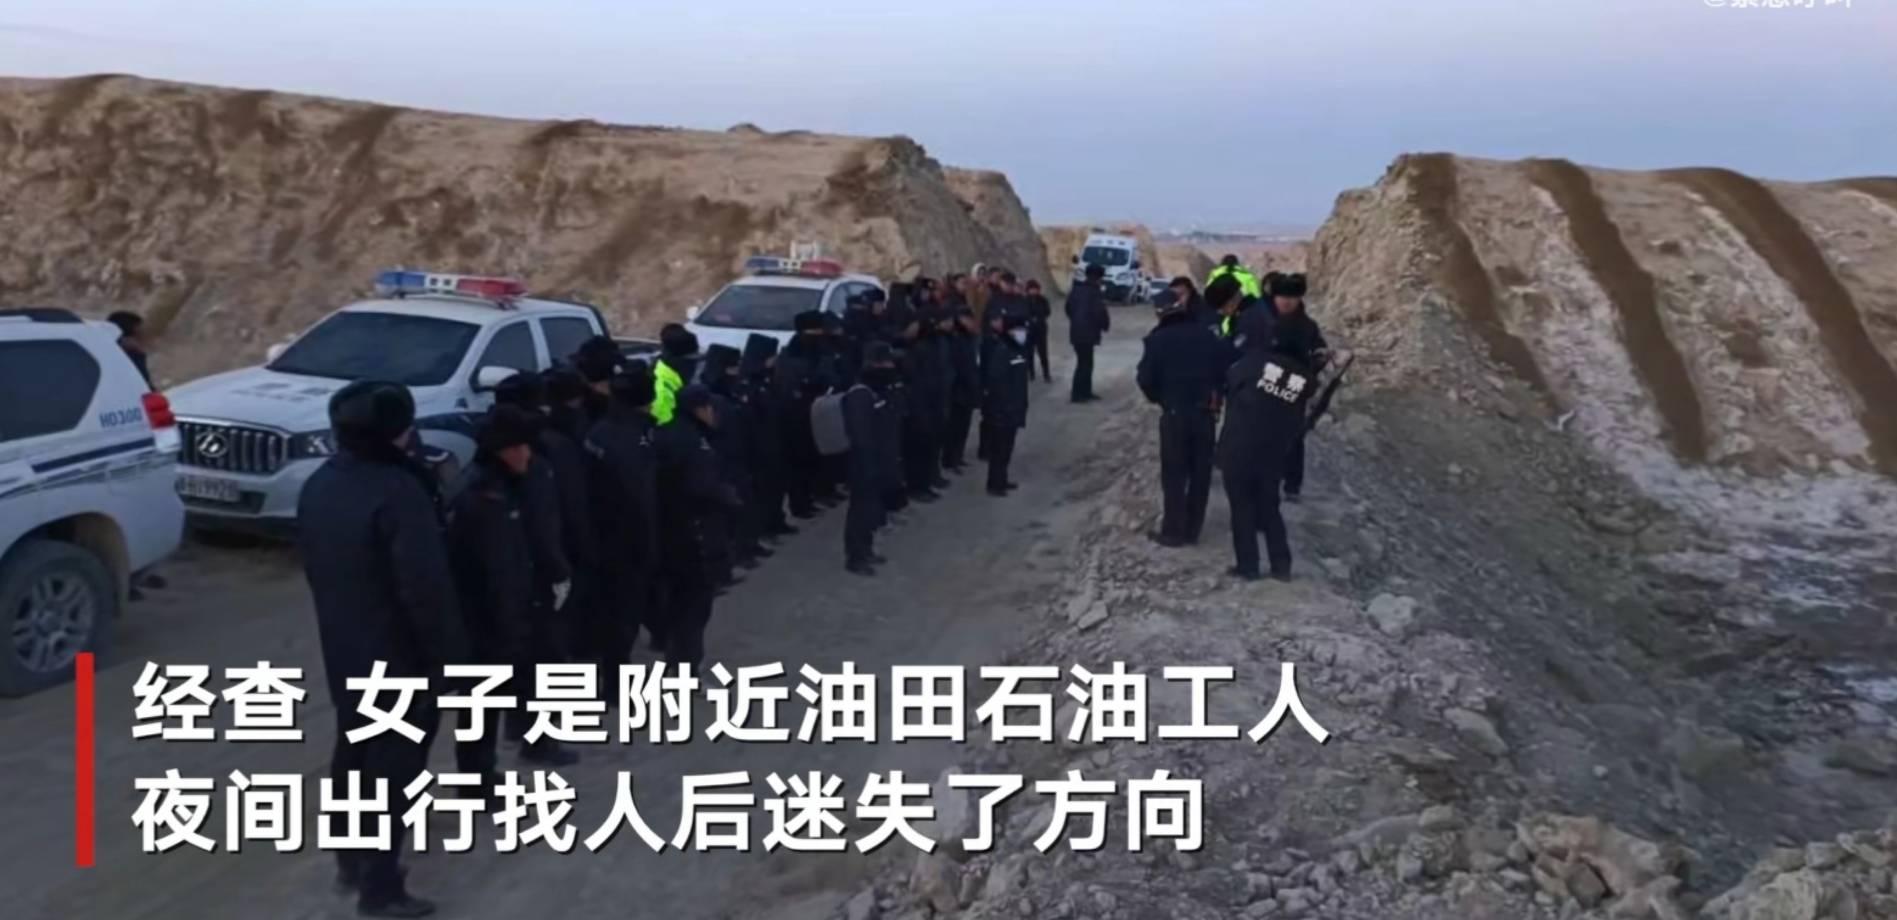 民警花29小时找回无人区走失女子 石油工人夜间寻人迷失方向